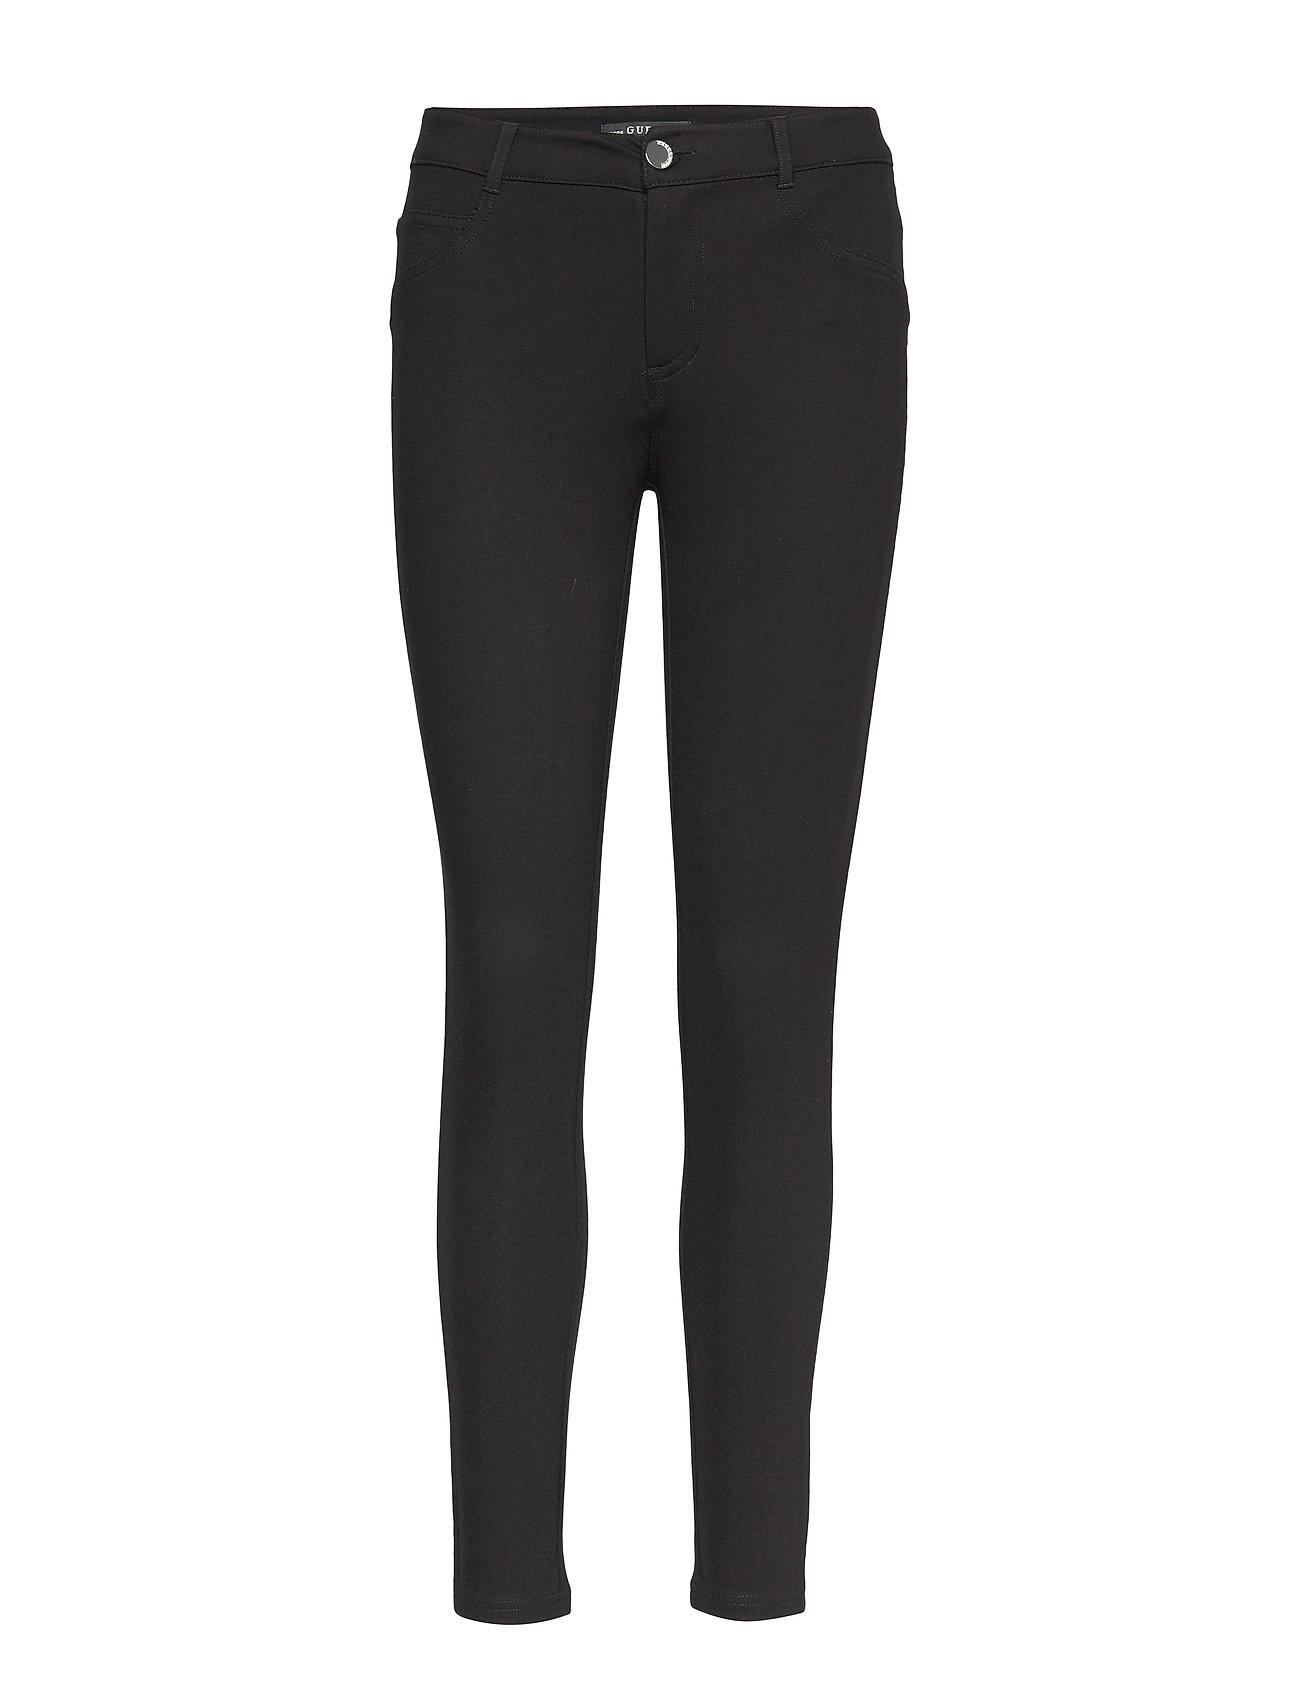 GUESS Jeans CURVE X - JET BLACK A996